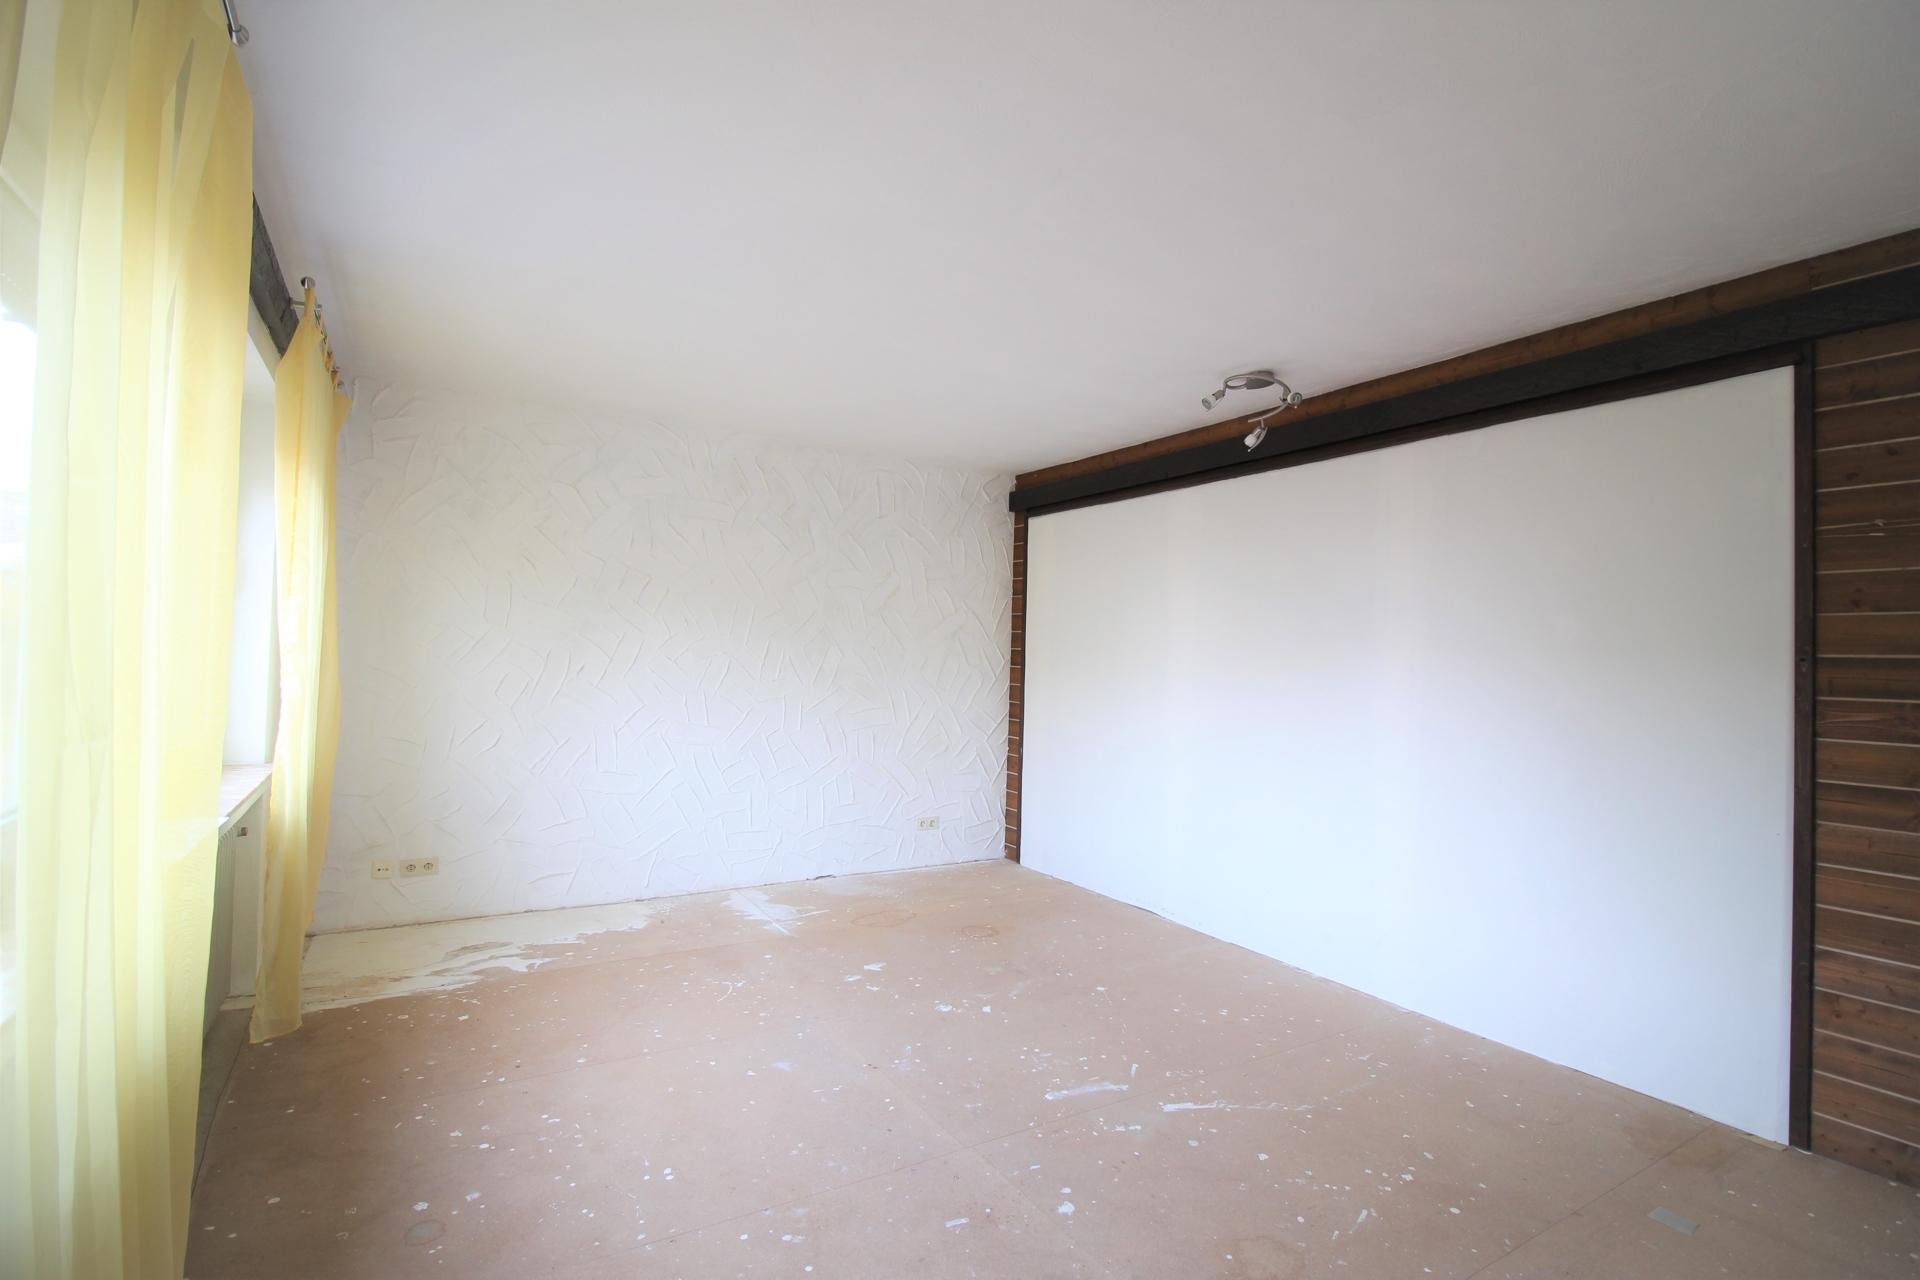 Zimmer 4,00 m x 5,00 m